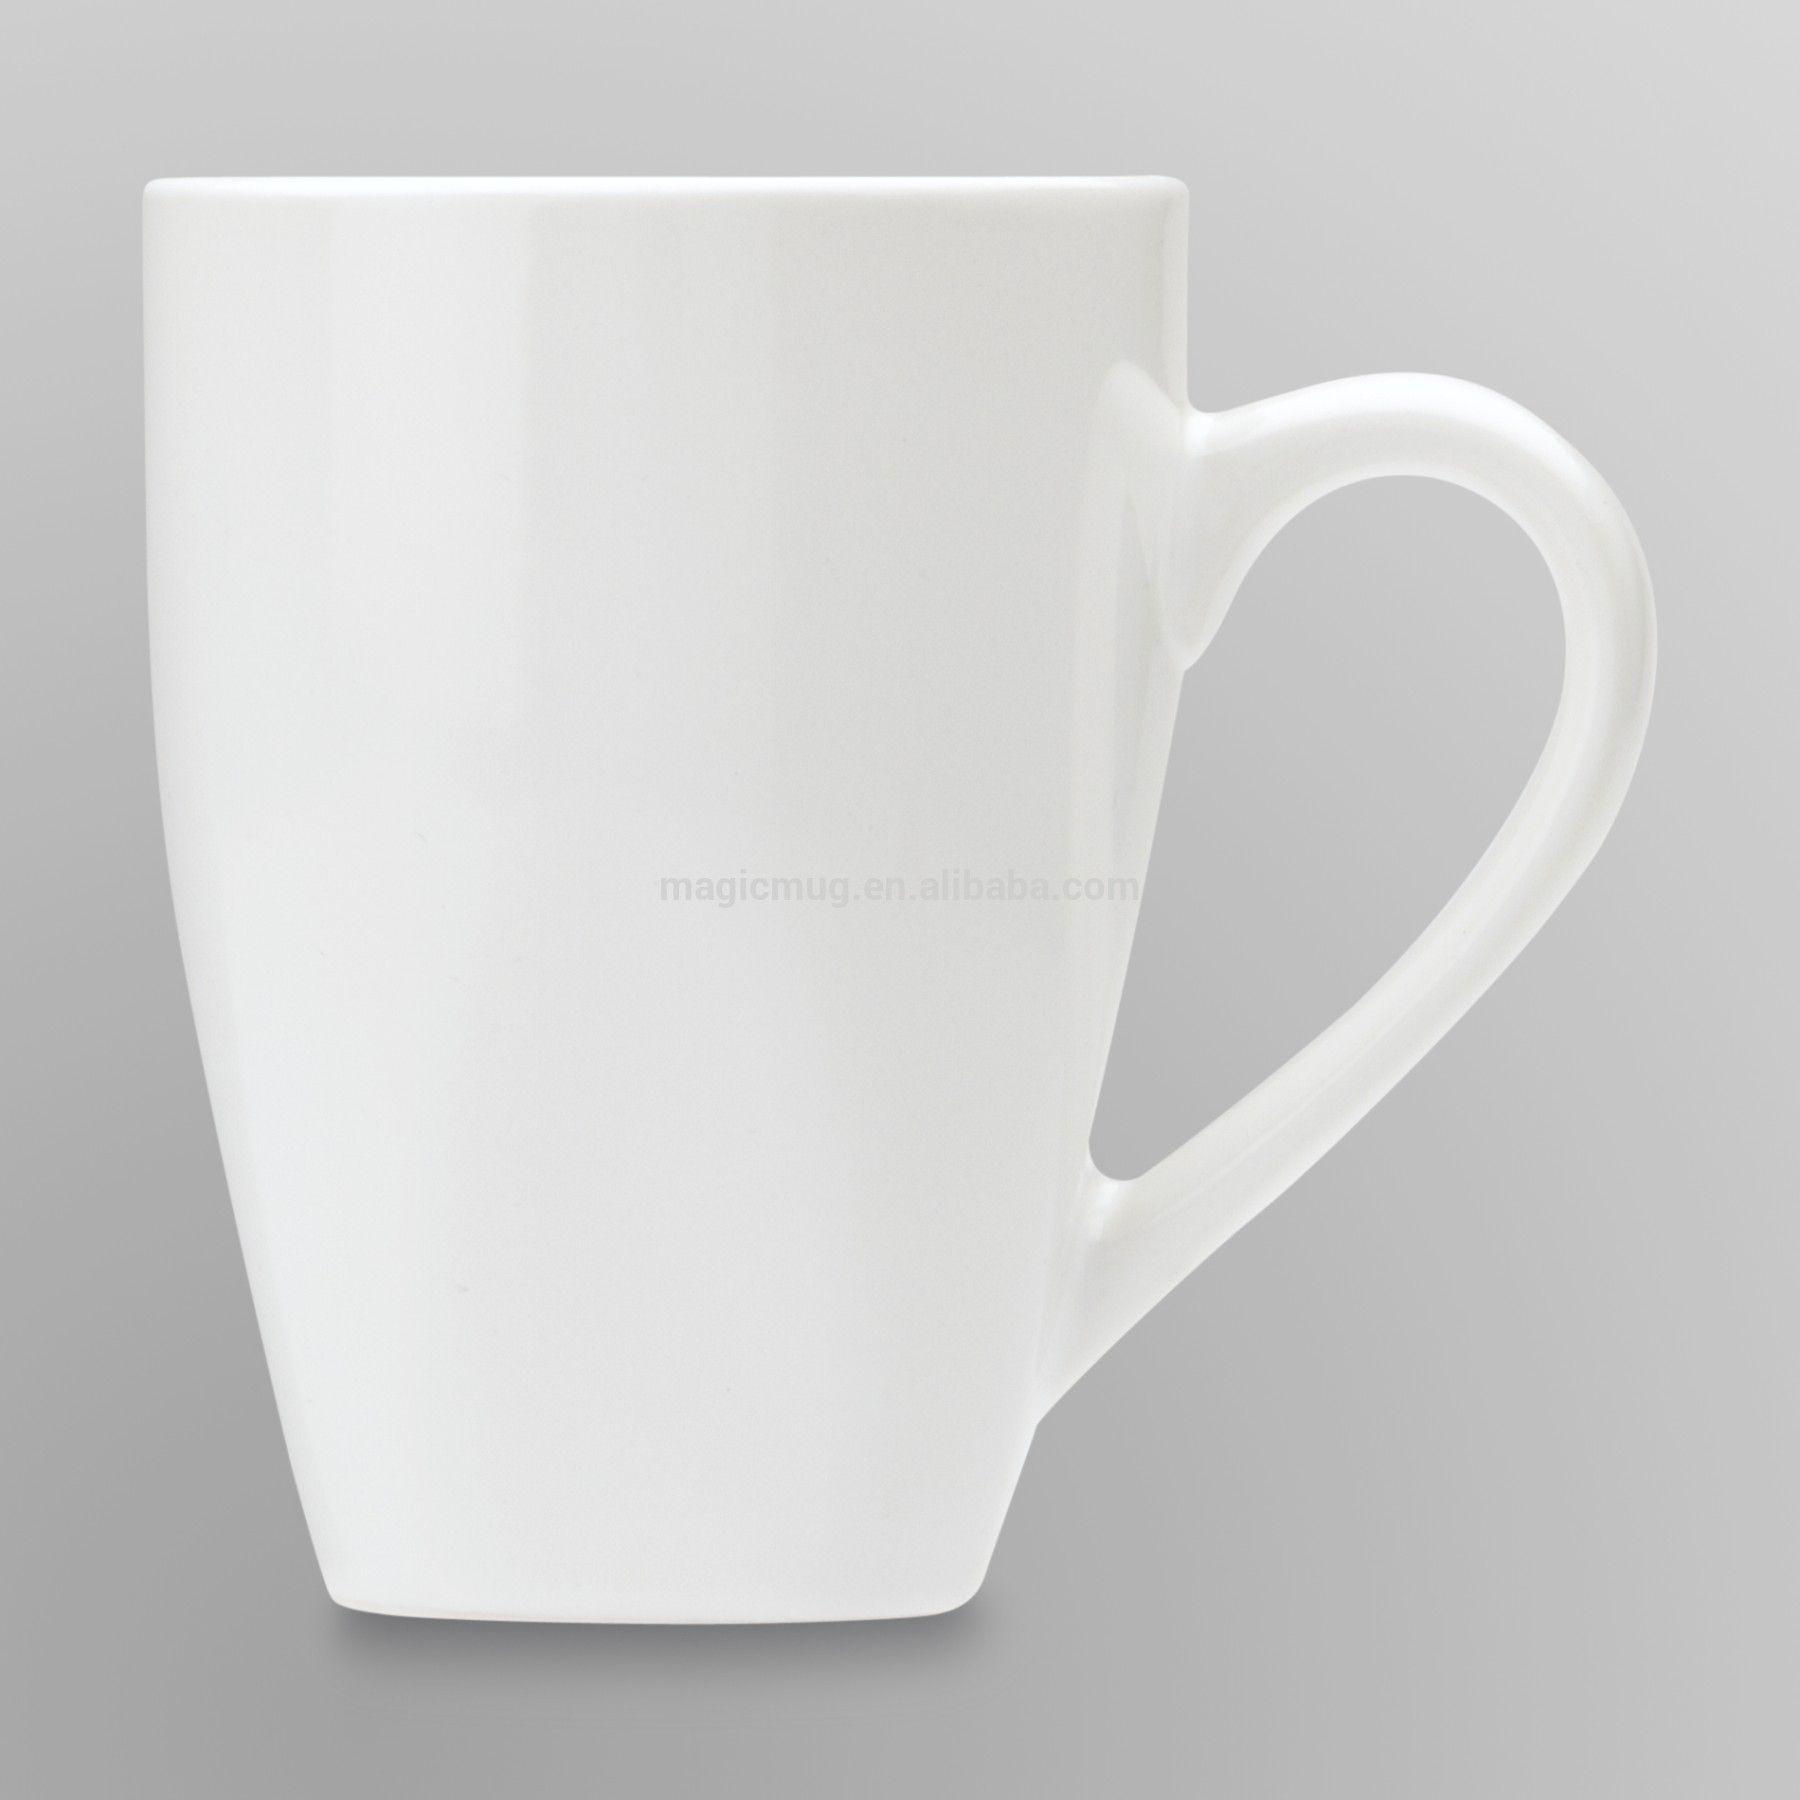 Bulk White Coffee Cups